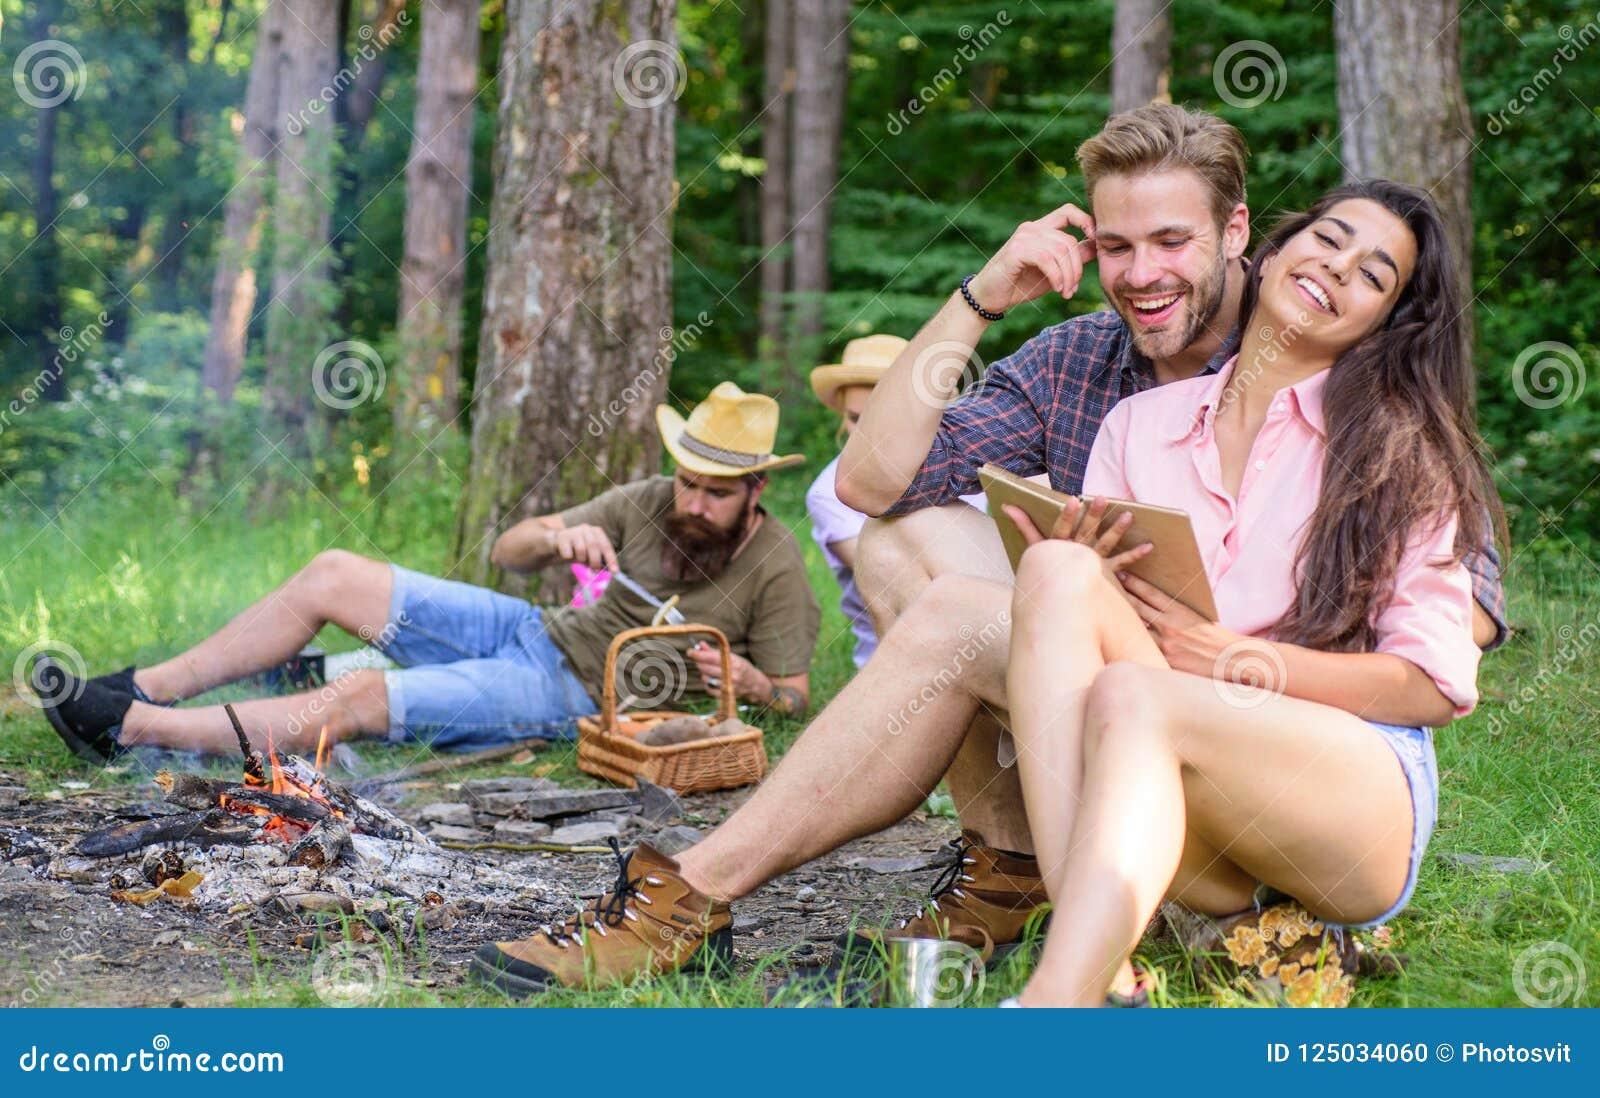 旅行和远足的发现伴侣 朋友松弛近的营火在会集的天以后远足或采蘑菇 夏天